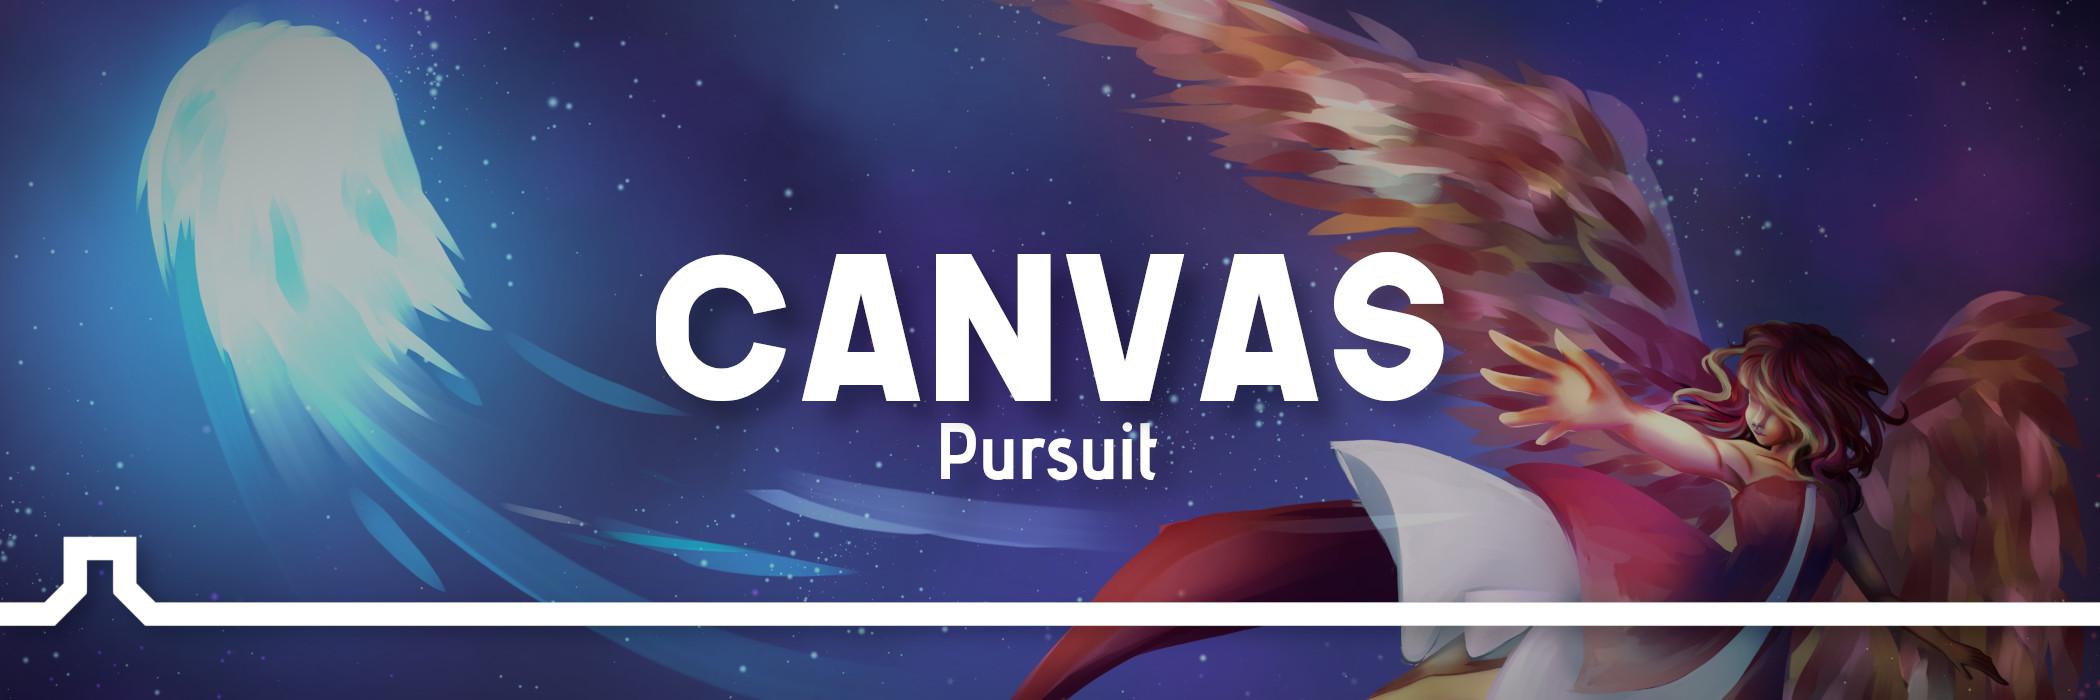 Tripulse Canvas: Pursuit – OUT NOW!